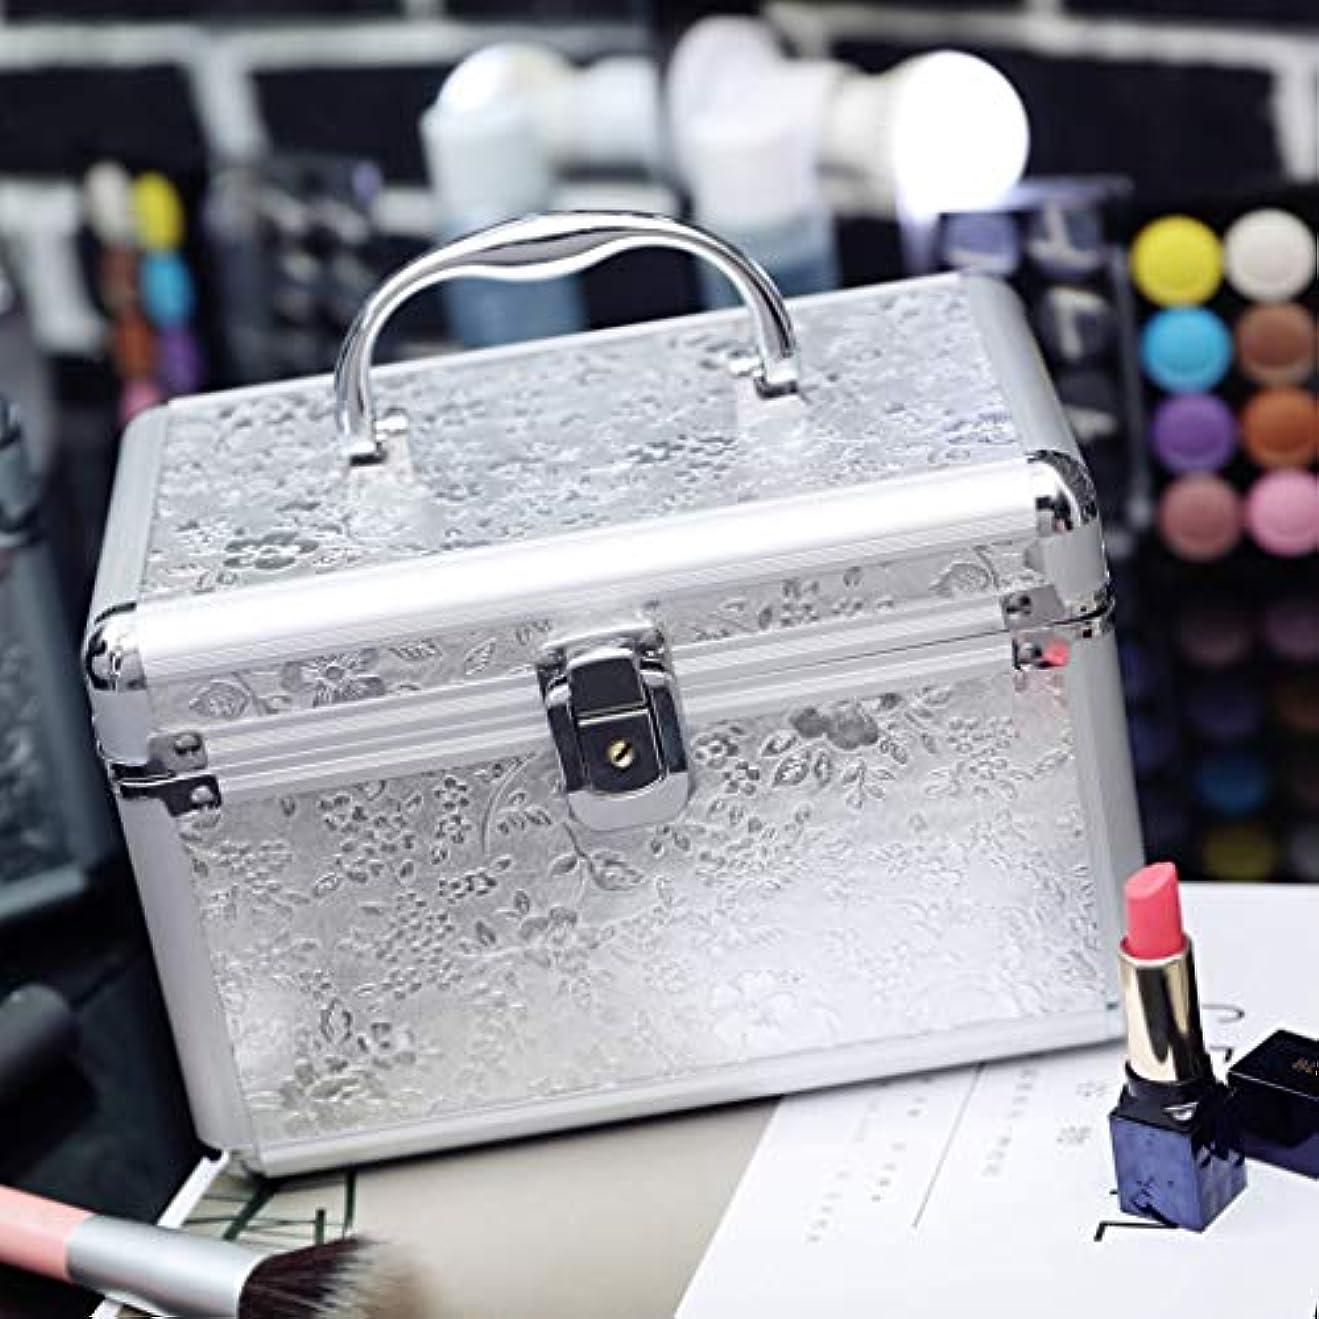 メイクボックス 化粧箱 收納バッグ 化粧品収納ボックス 鍵付き アルミ製 道具入れ 小物入れ 機能的 大容量 收納抜群 23×15×15CM シルバー B